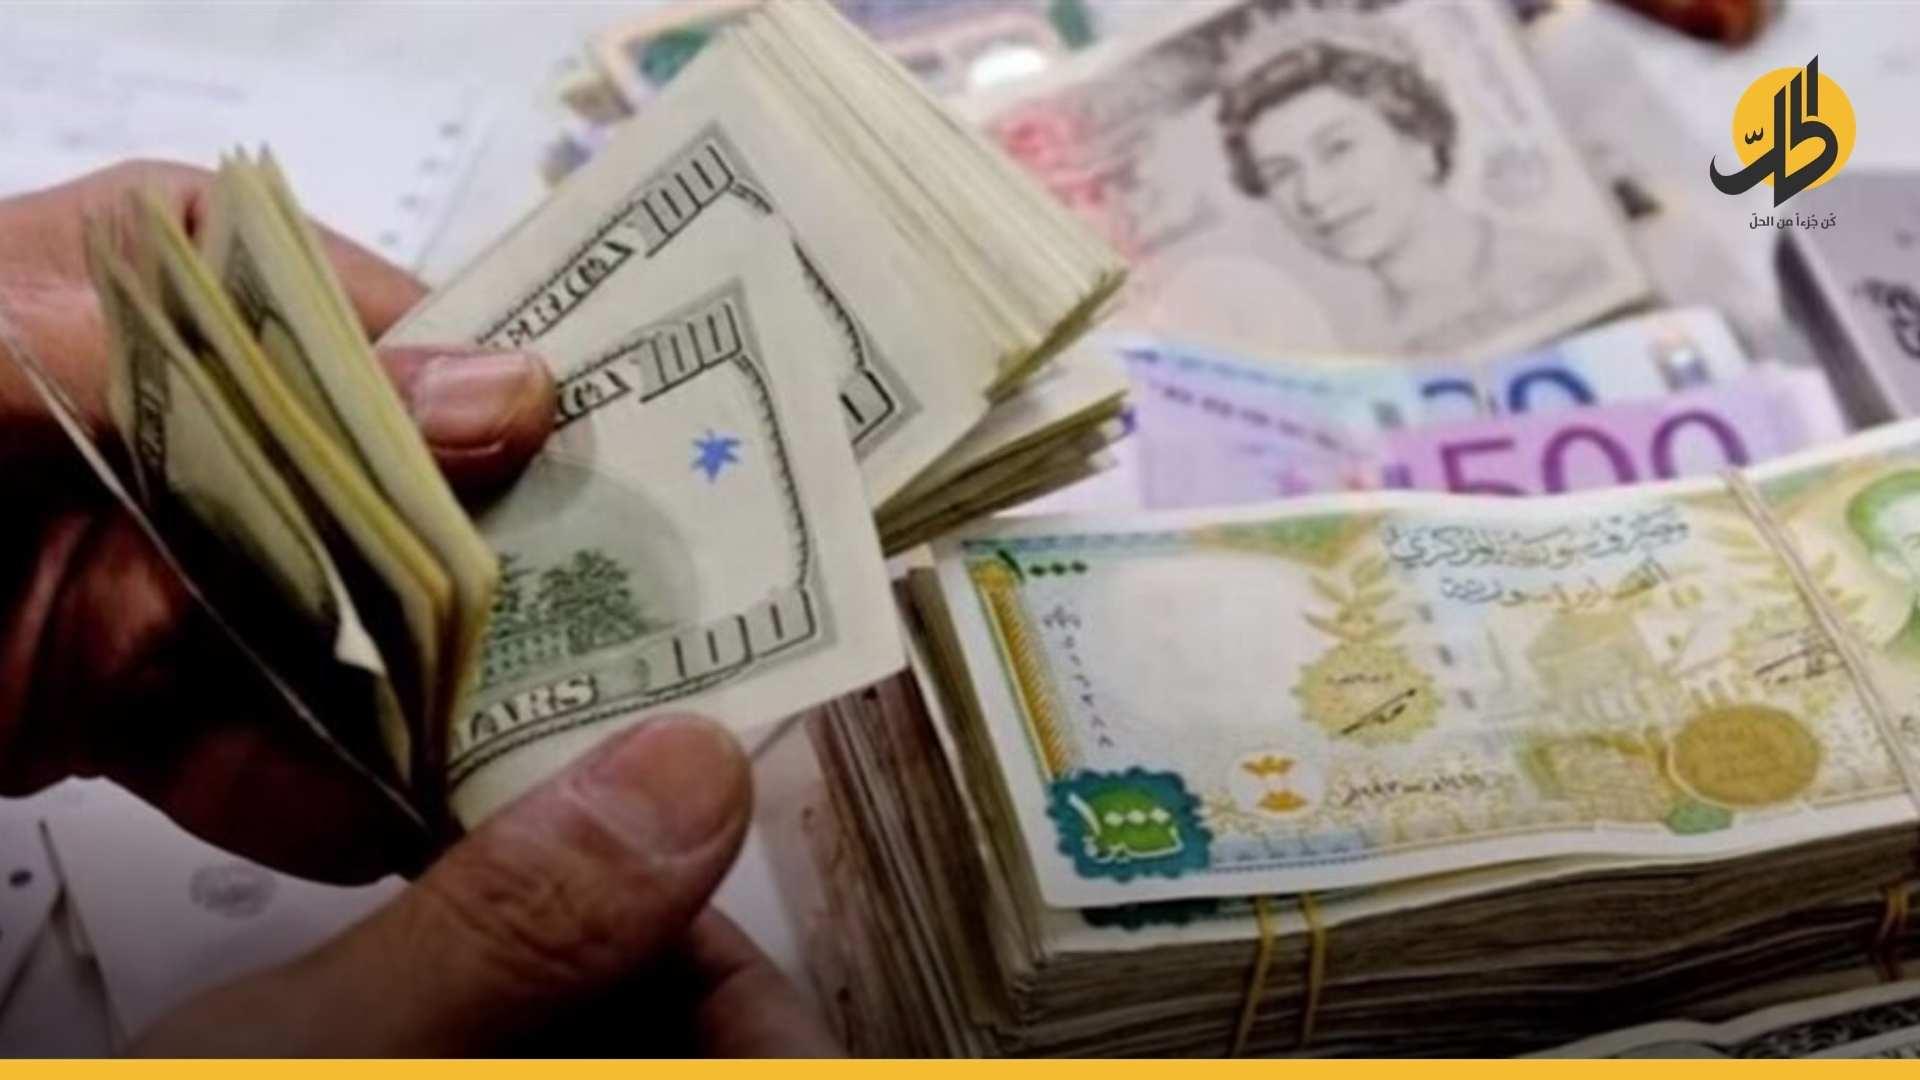 ارتفاع أسعار الصرف يُثقِل كاهل السوريين بانعكاساته على أسعار المواد الغذائيّة